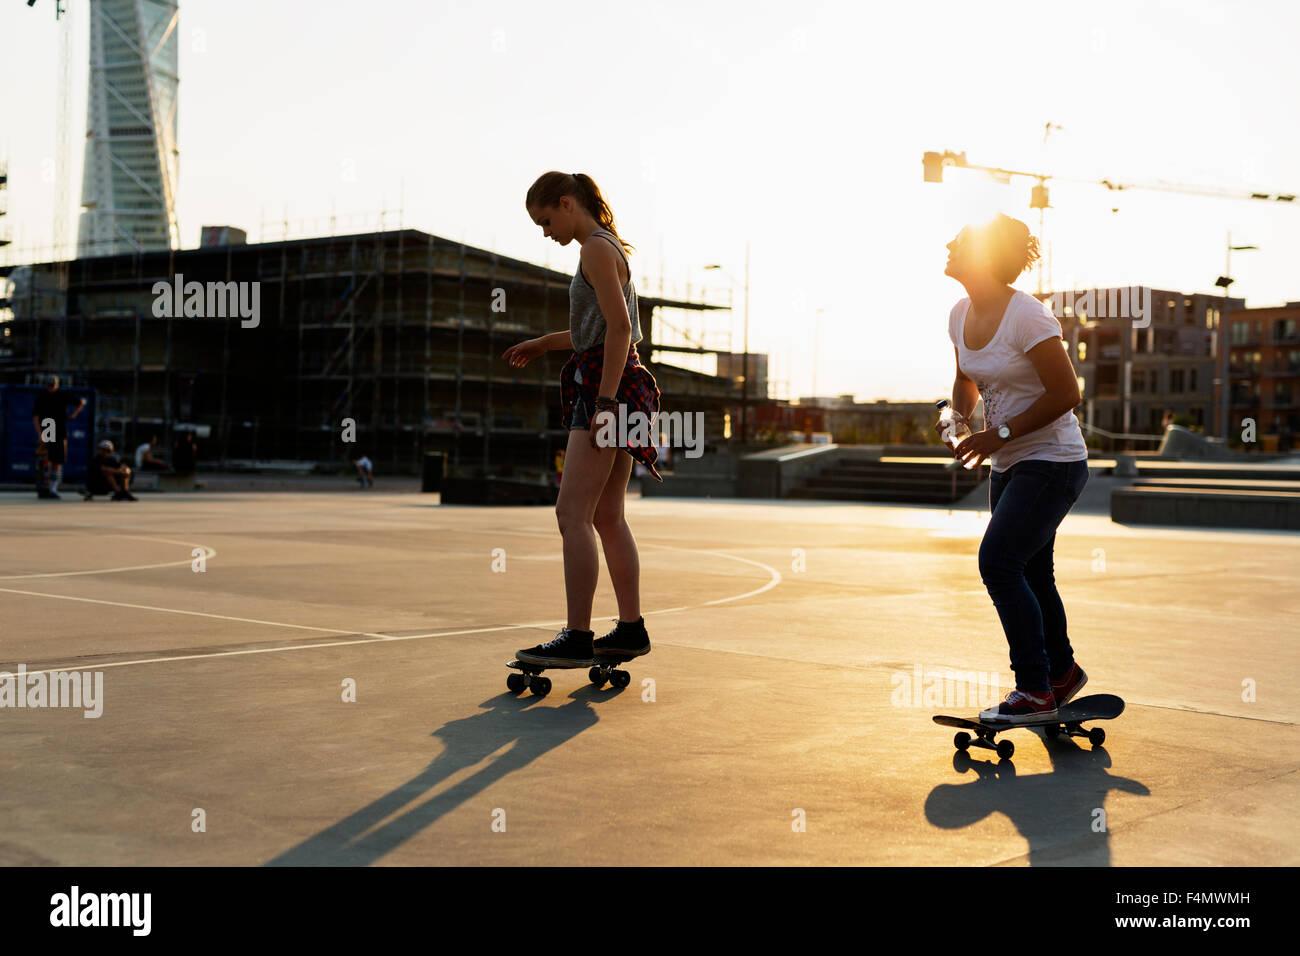 Longitud total de adolescentes amigos patinaje en Skate Park Imagen De Stock